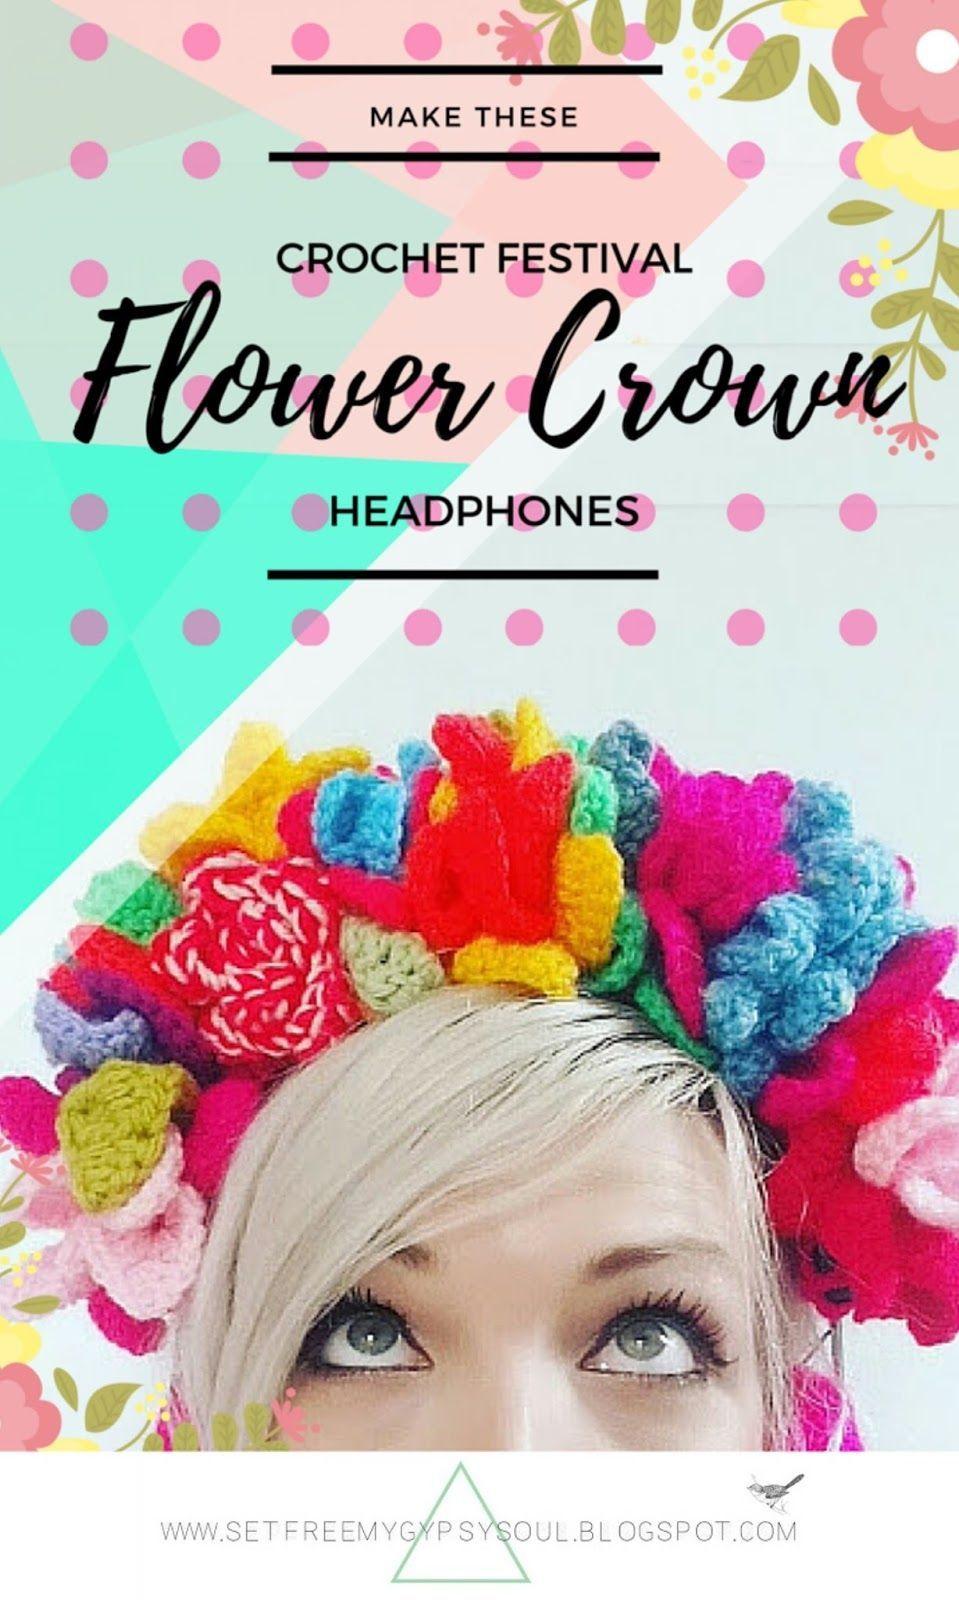 Festival Flower Crown Crochet Headphones   Free Crochet Pattern (SFMGS) #crownscrocheted Festival Flower Crown Crochet Headphones   Free Crochet Pattern #crownscrocheted